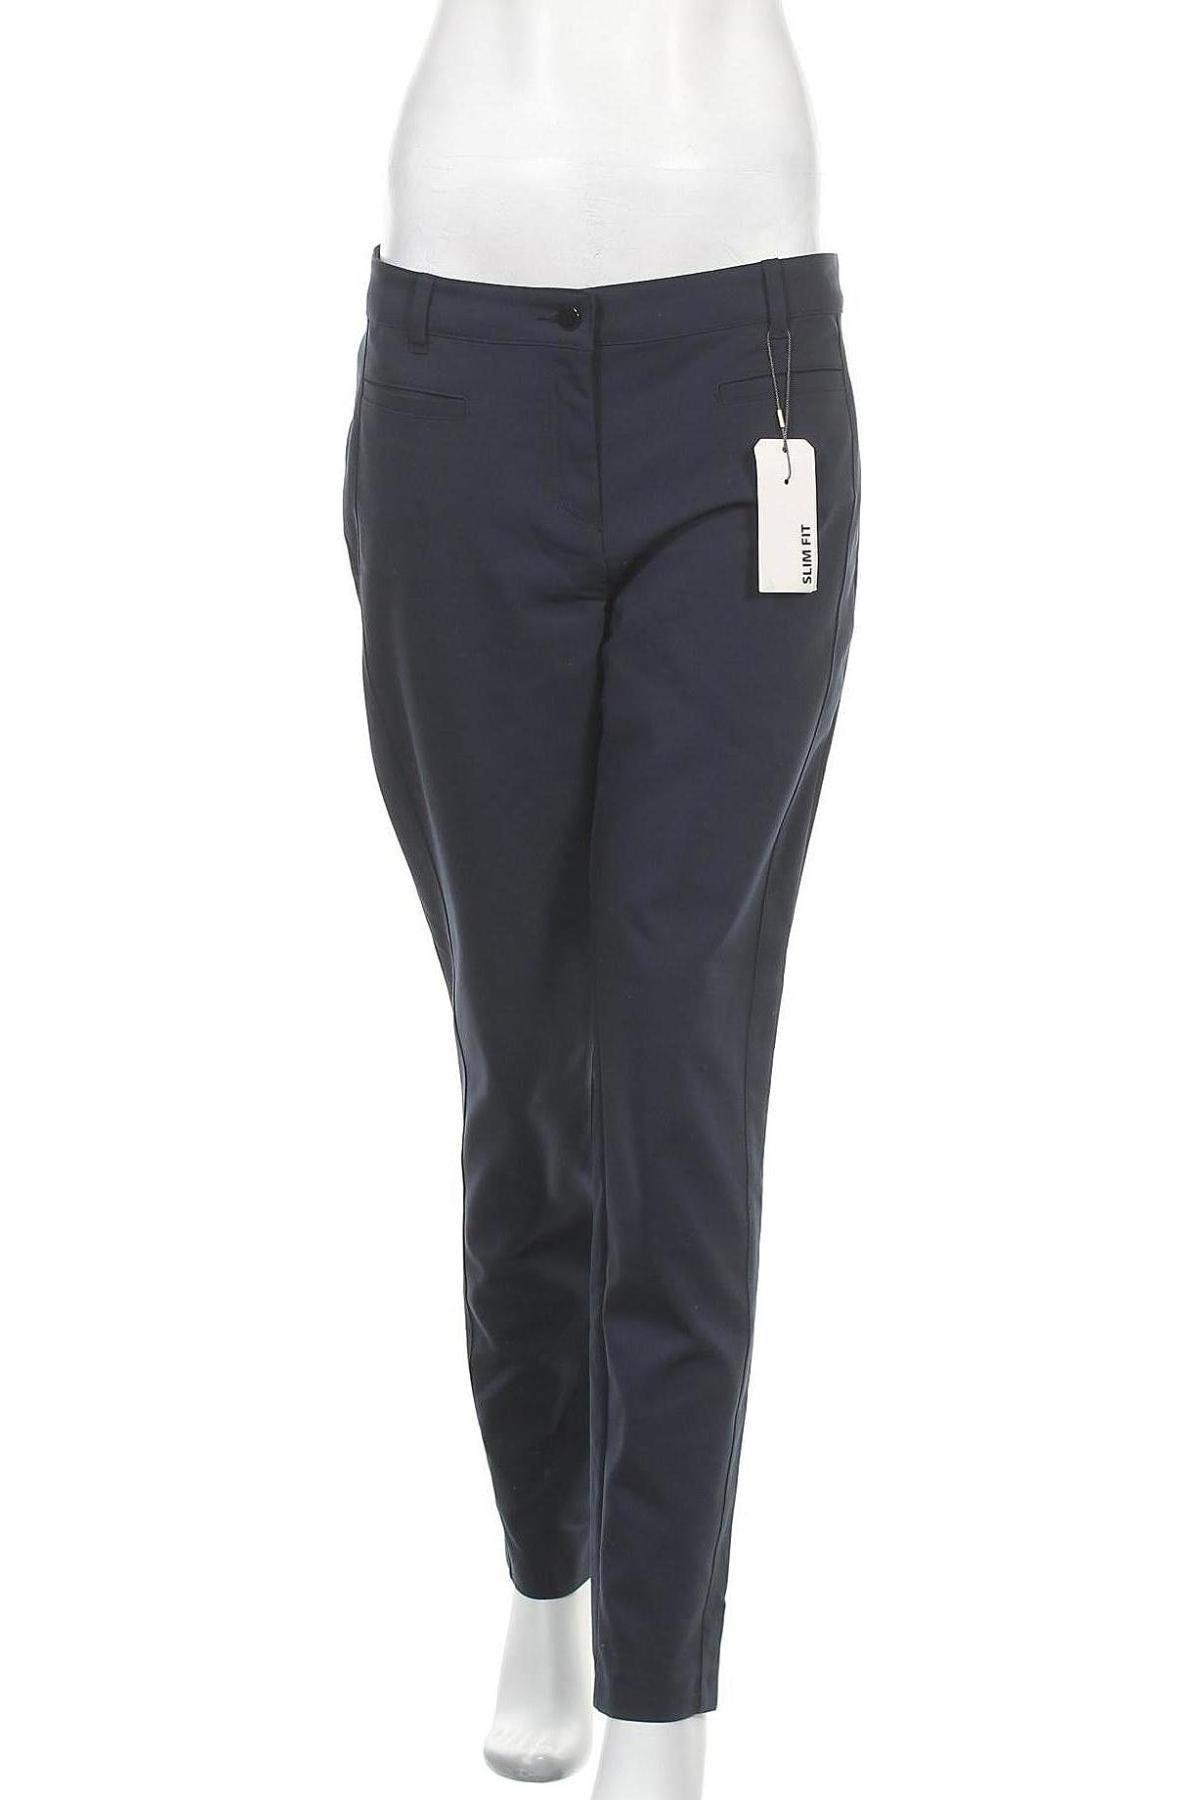 Дамски панталон Christian Berg, Размер M, Цвят Син, 53% памук, 44% полиестер, 3% еластан, Цена 51,75лв.